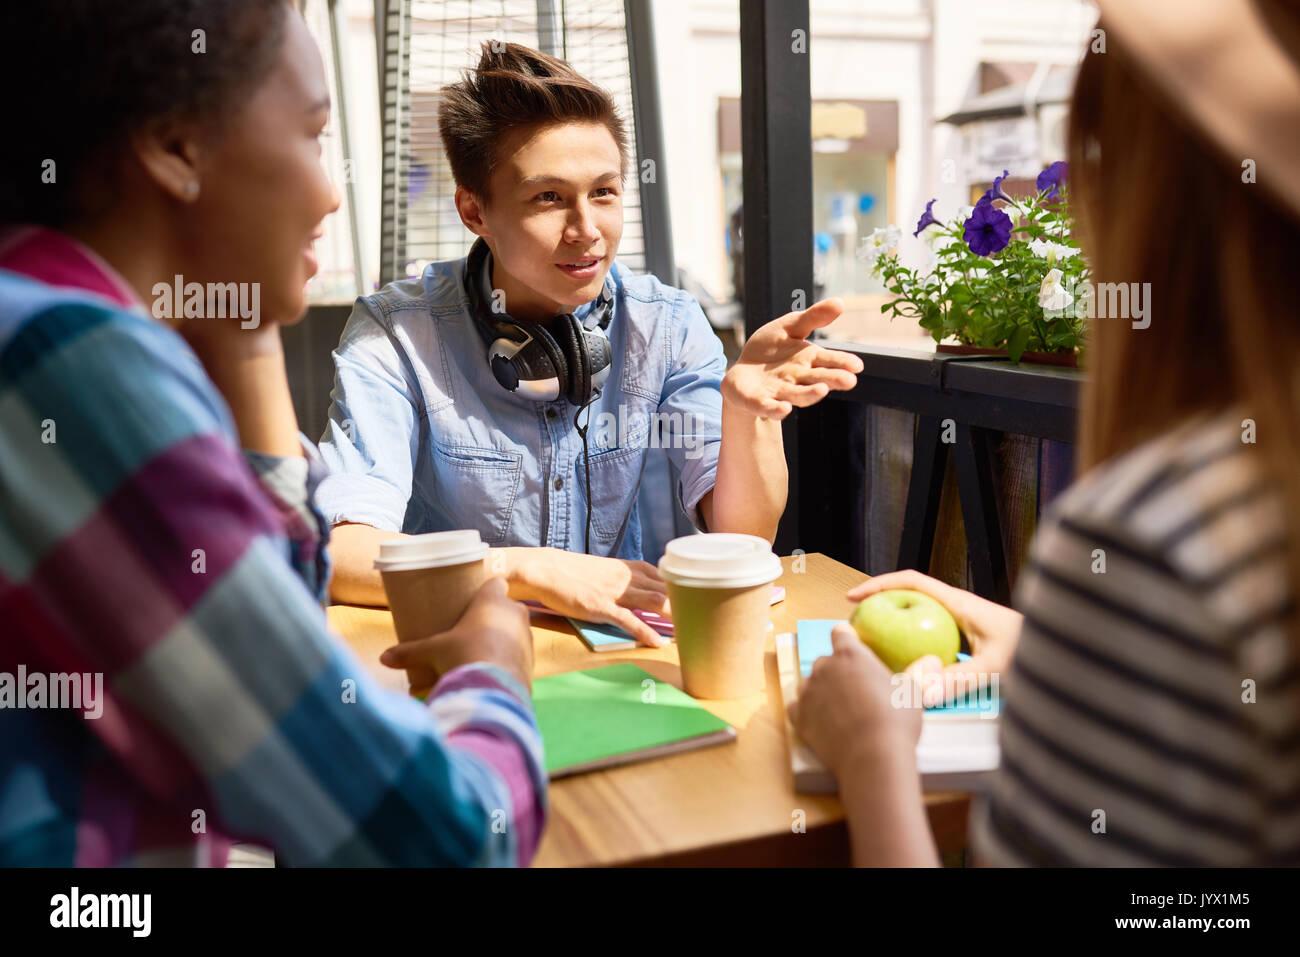 Asiatische Student Gespräch mit Freunden im Cafe Stockbild